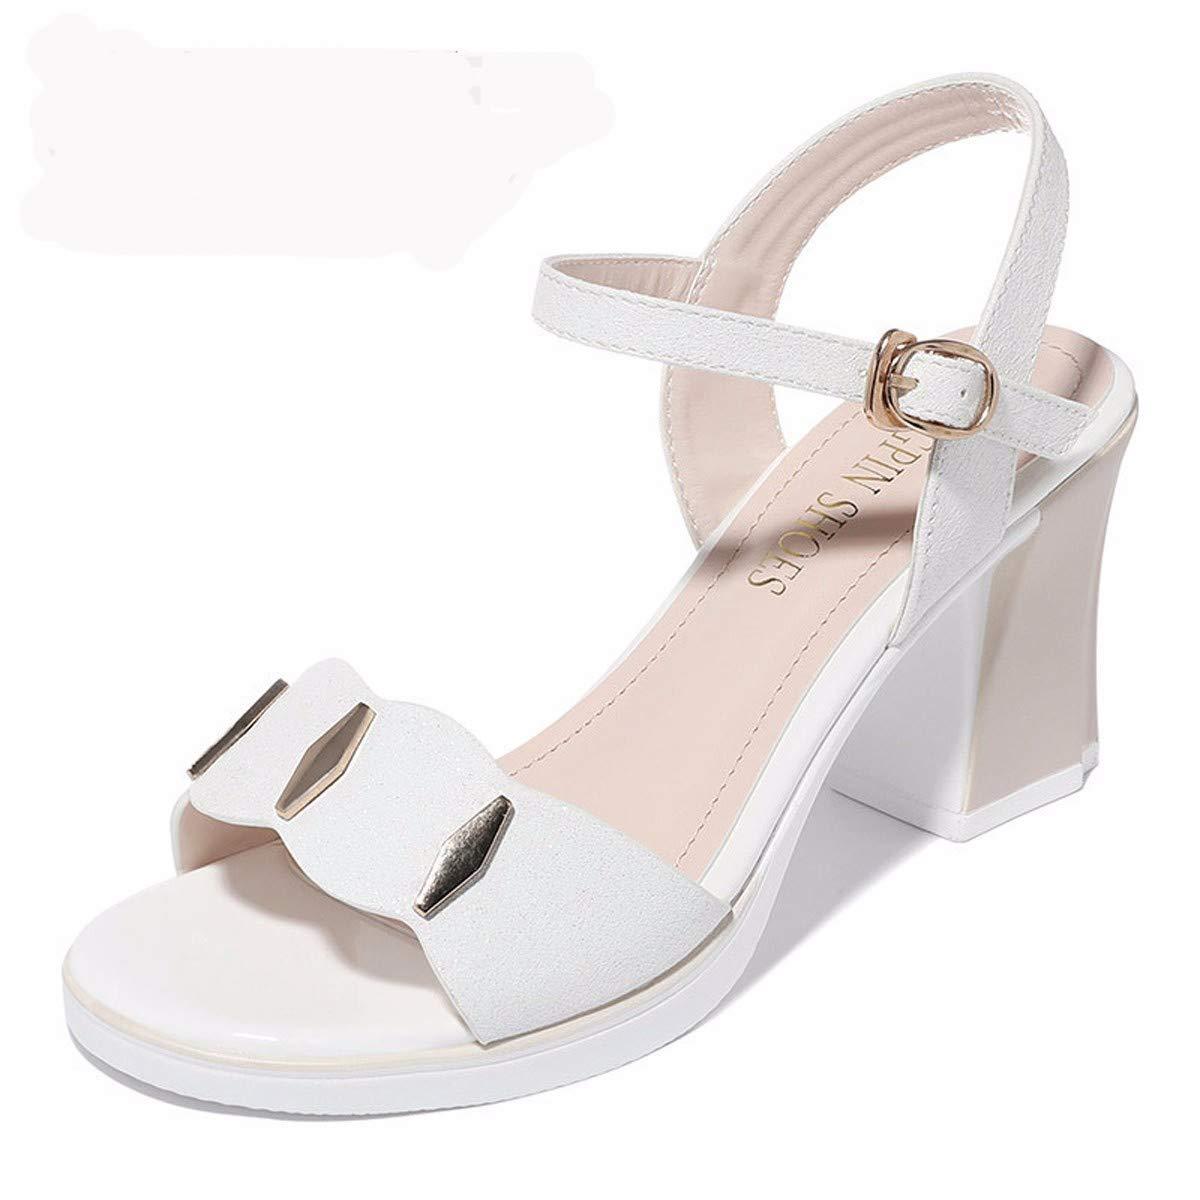 LBTSQ Damenschuhe Sommer Heel 7 cm Dicke Sohle Offene Zeh Mode Schuhe